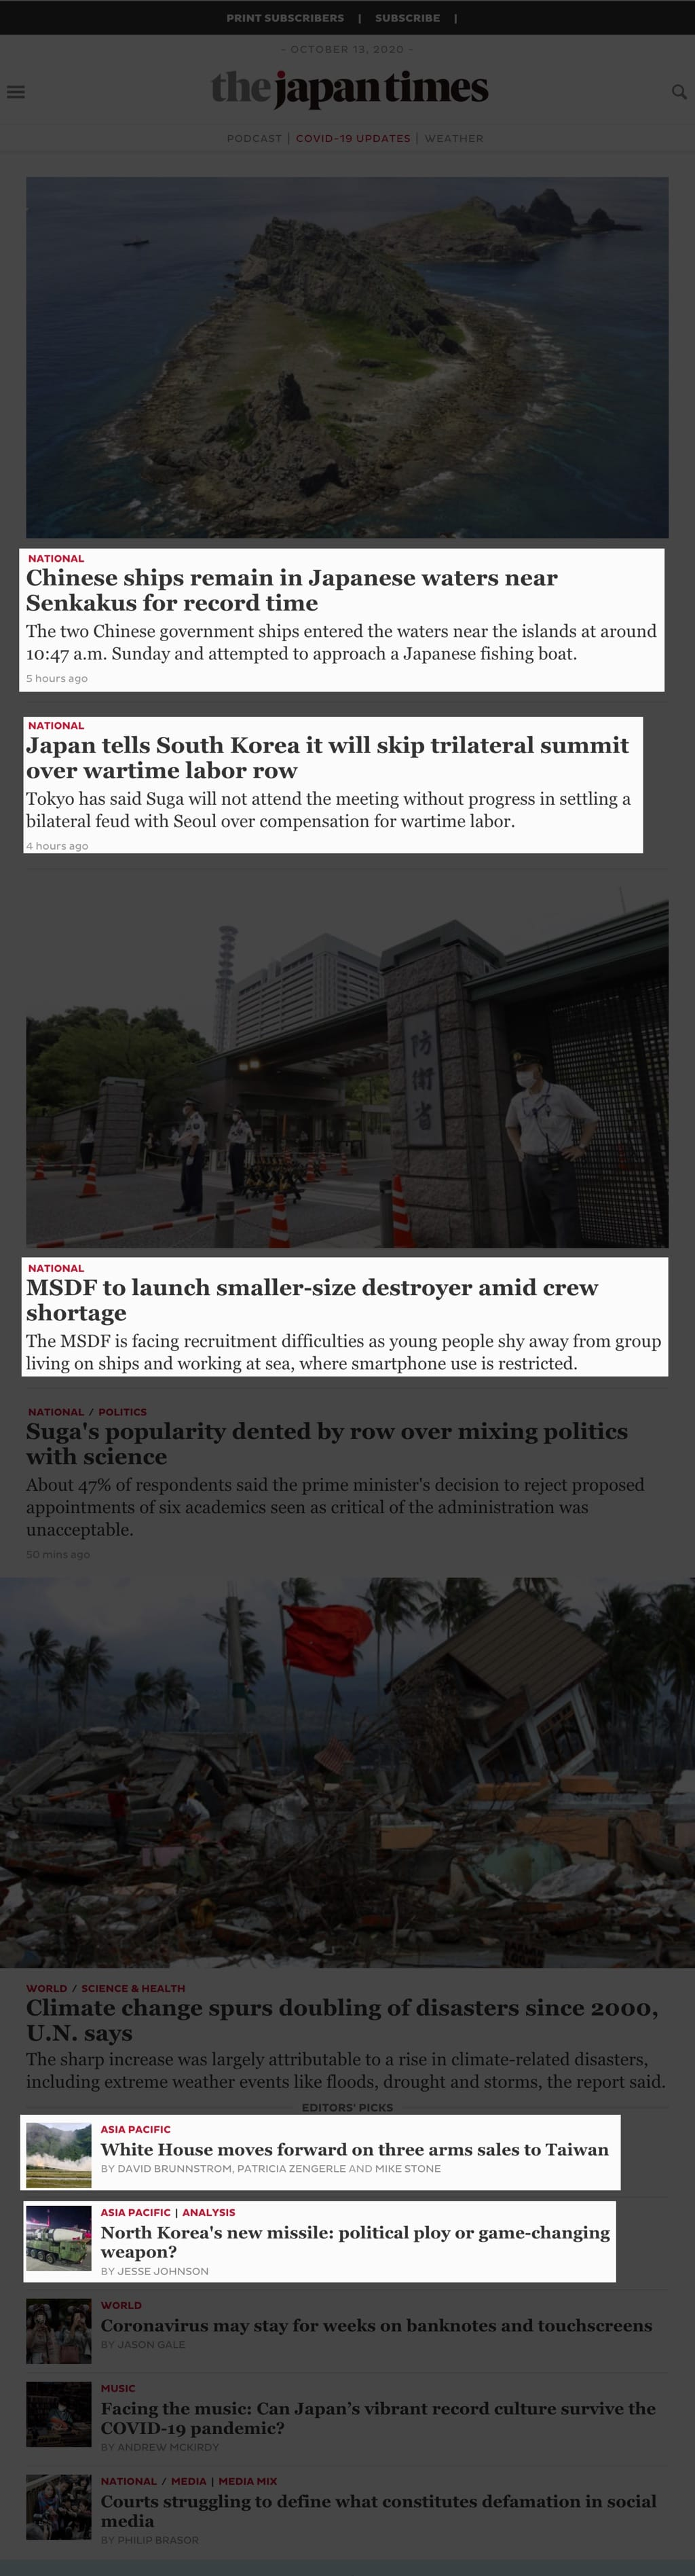 japan times copie d'écran du jour